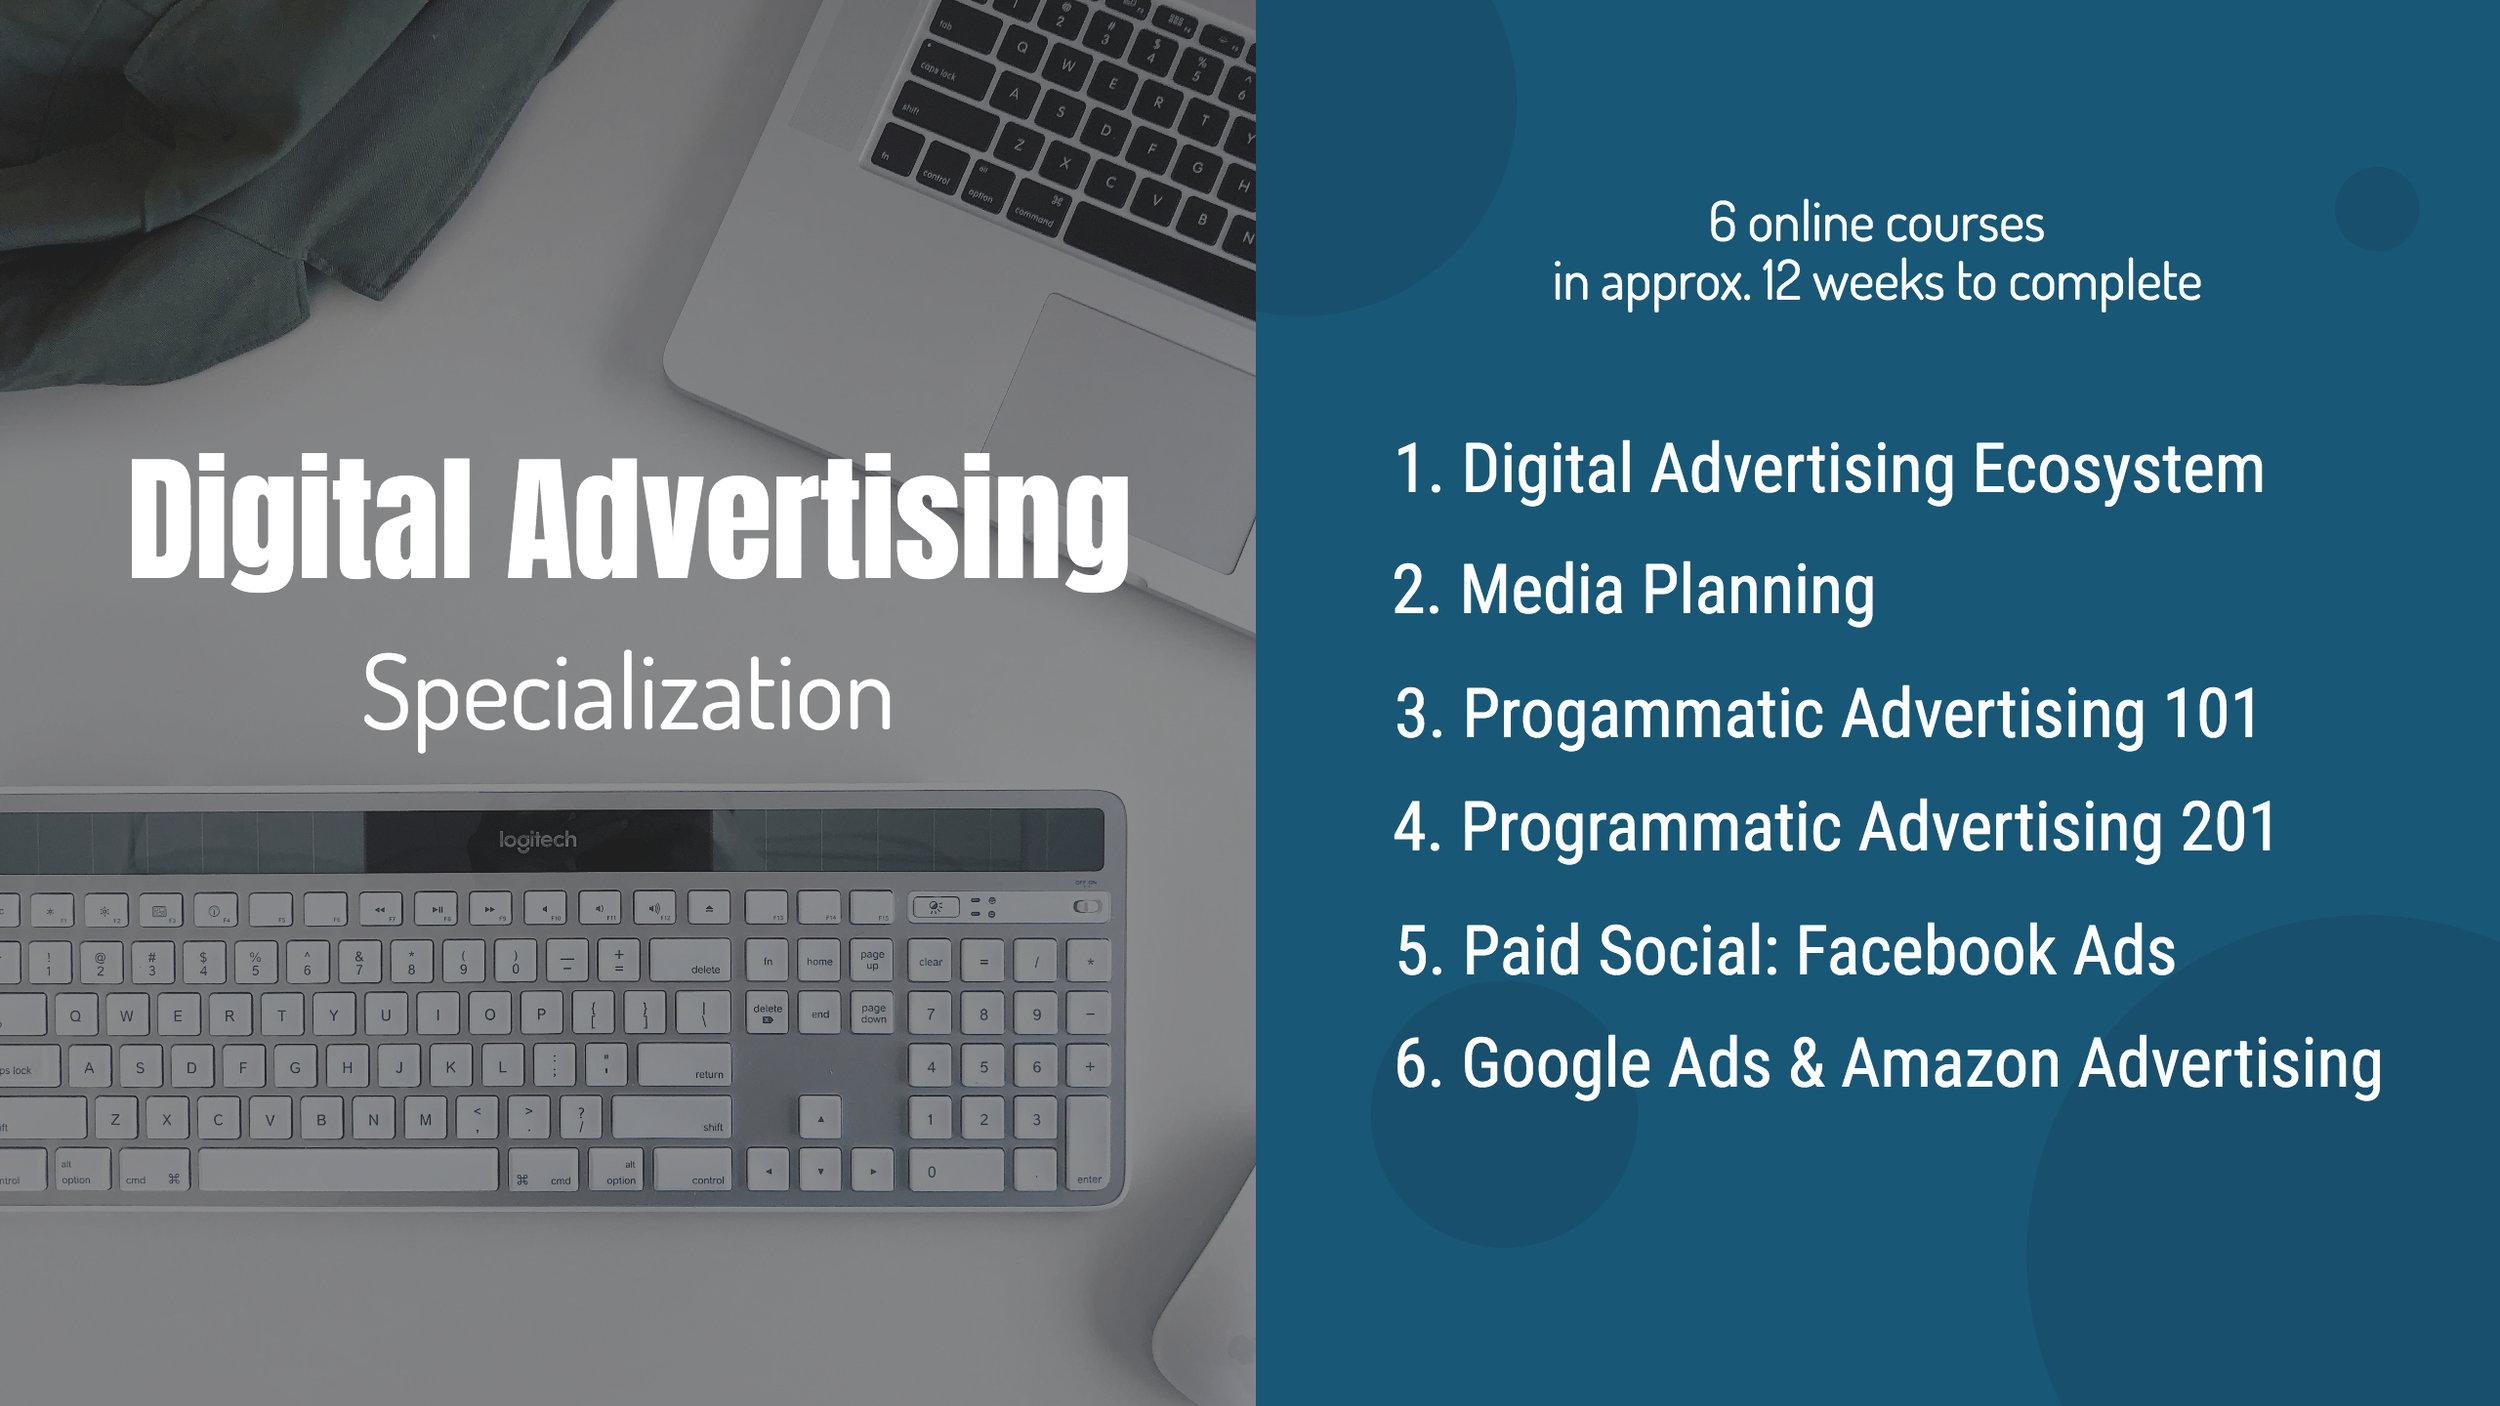 https___martechcareer.com_marketinganalytics_concentration-in-digital-advertising1.jpg